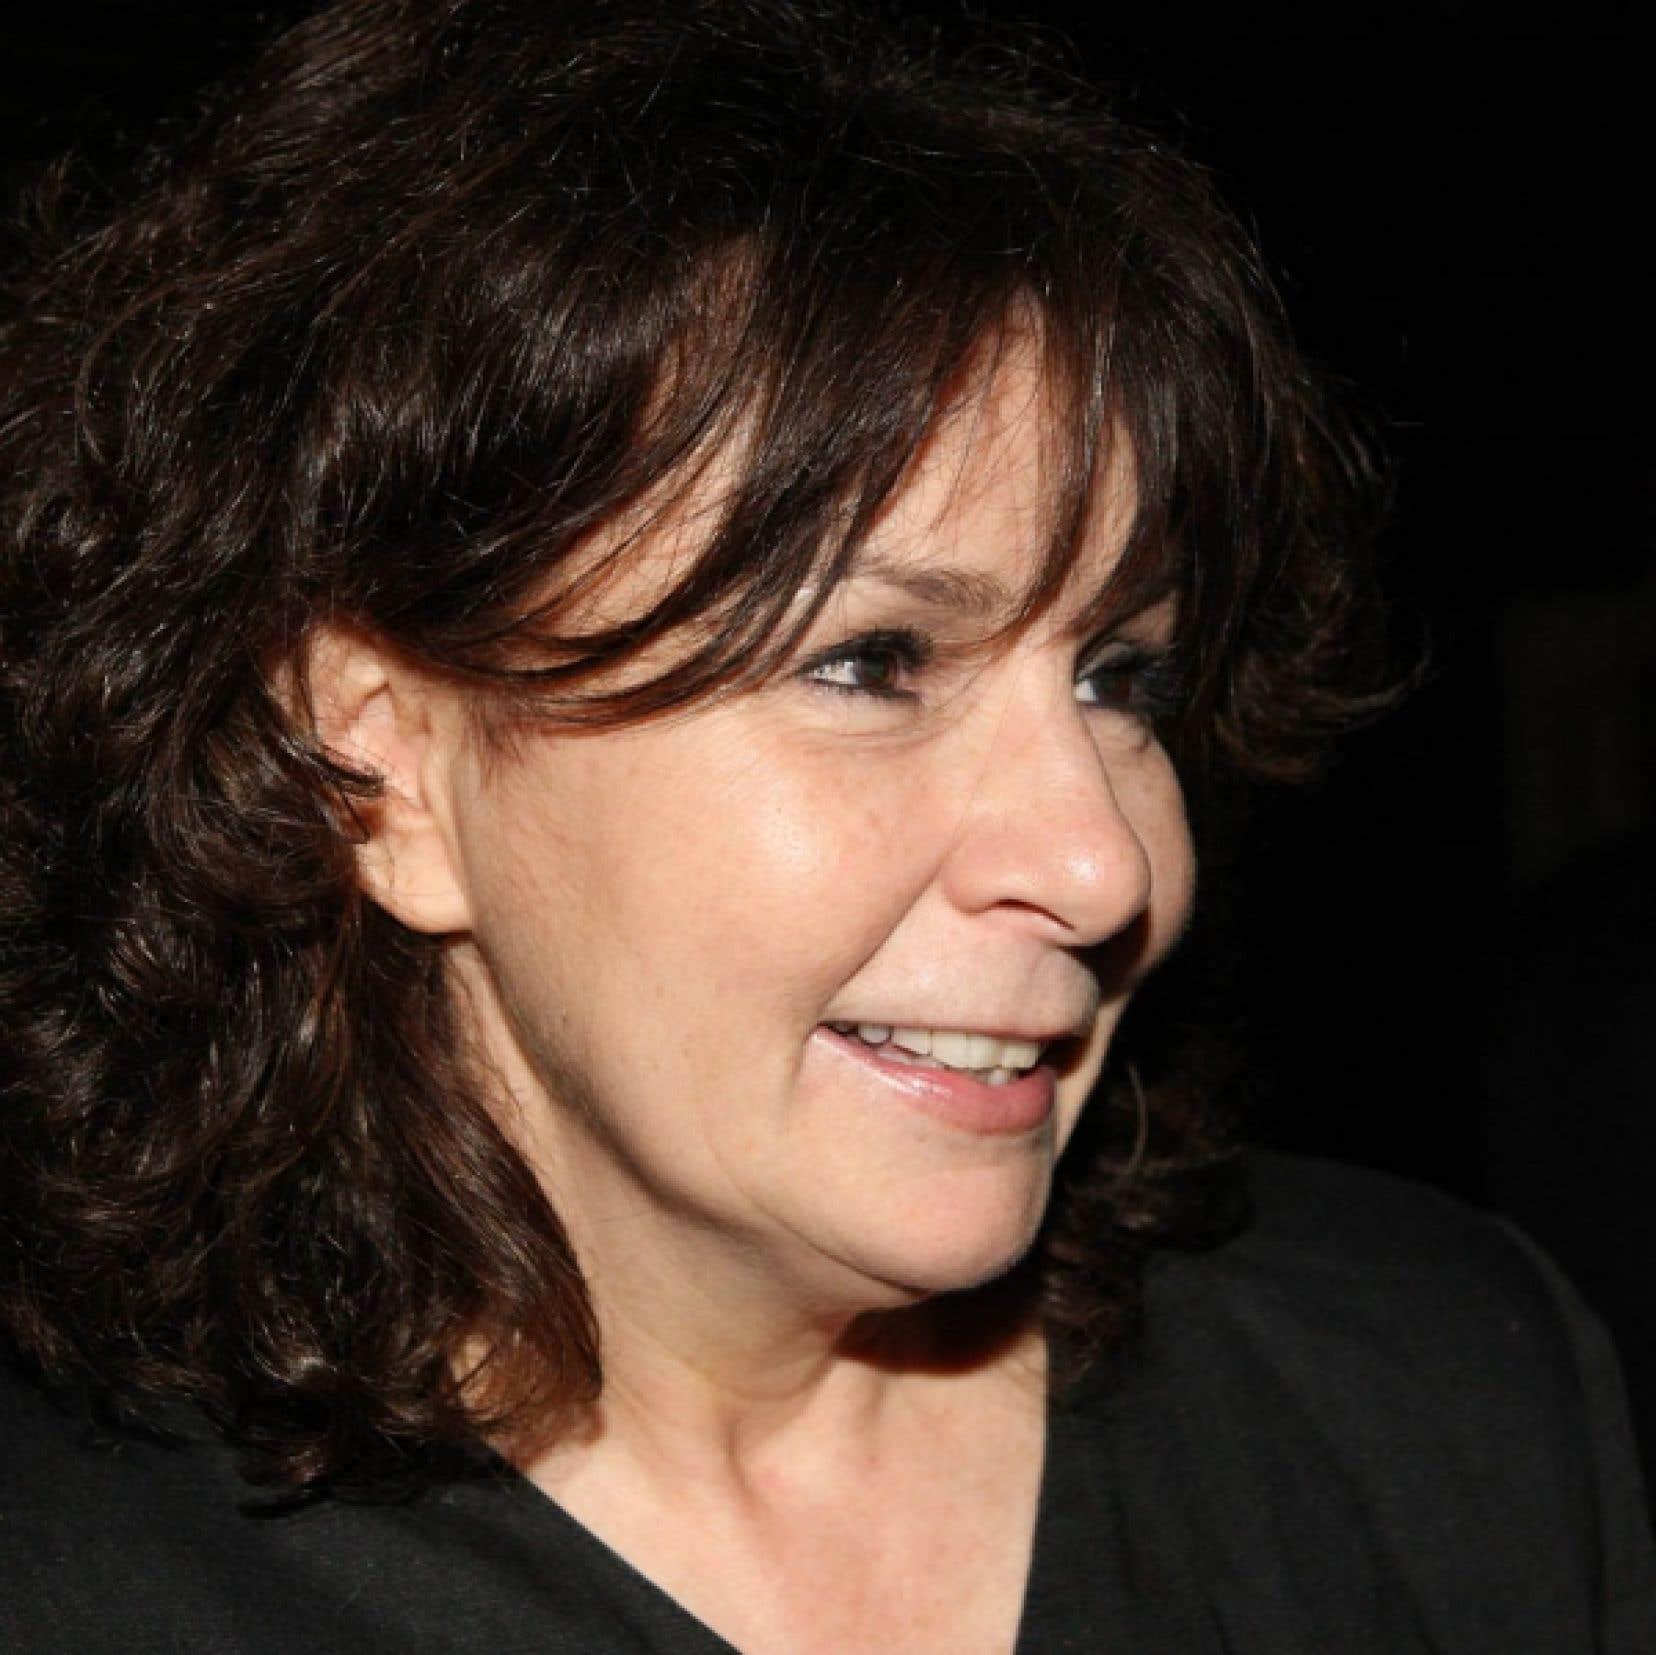 L&rsquo;animatrice Christiane Charette veut relever de nouveaux d&eacute;fis.<br />